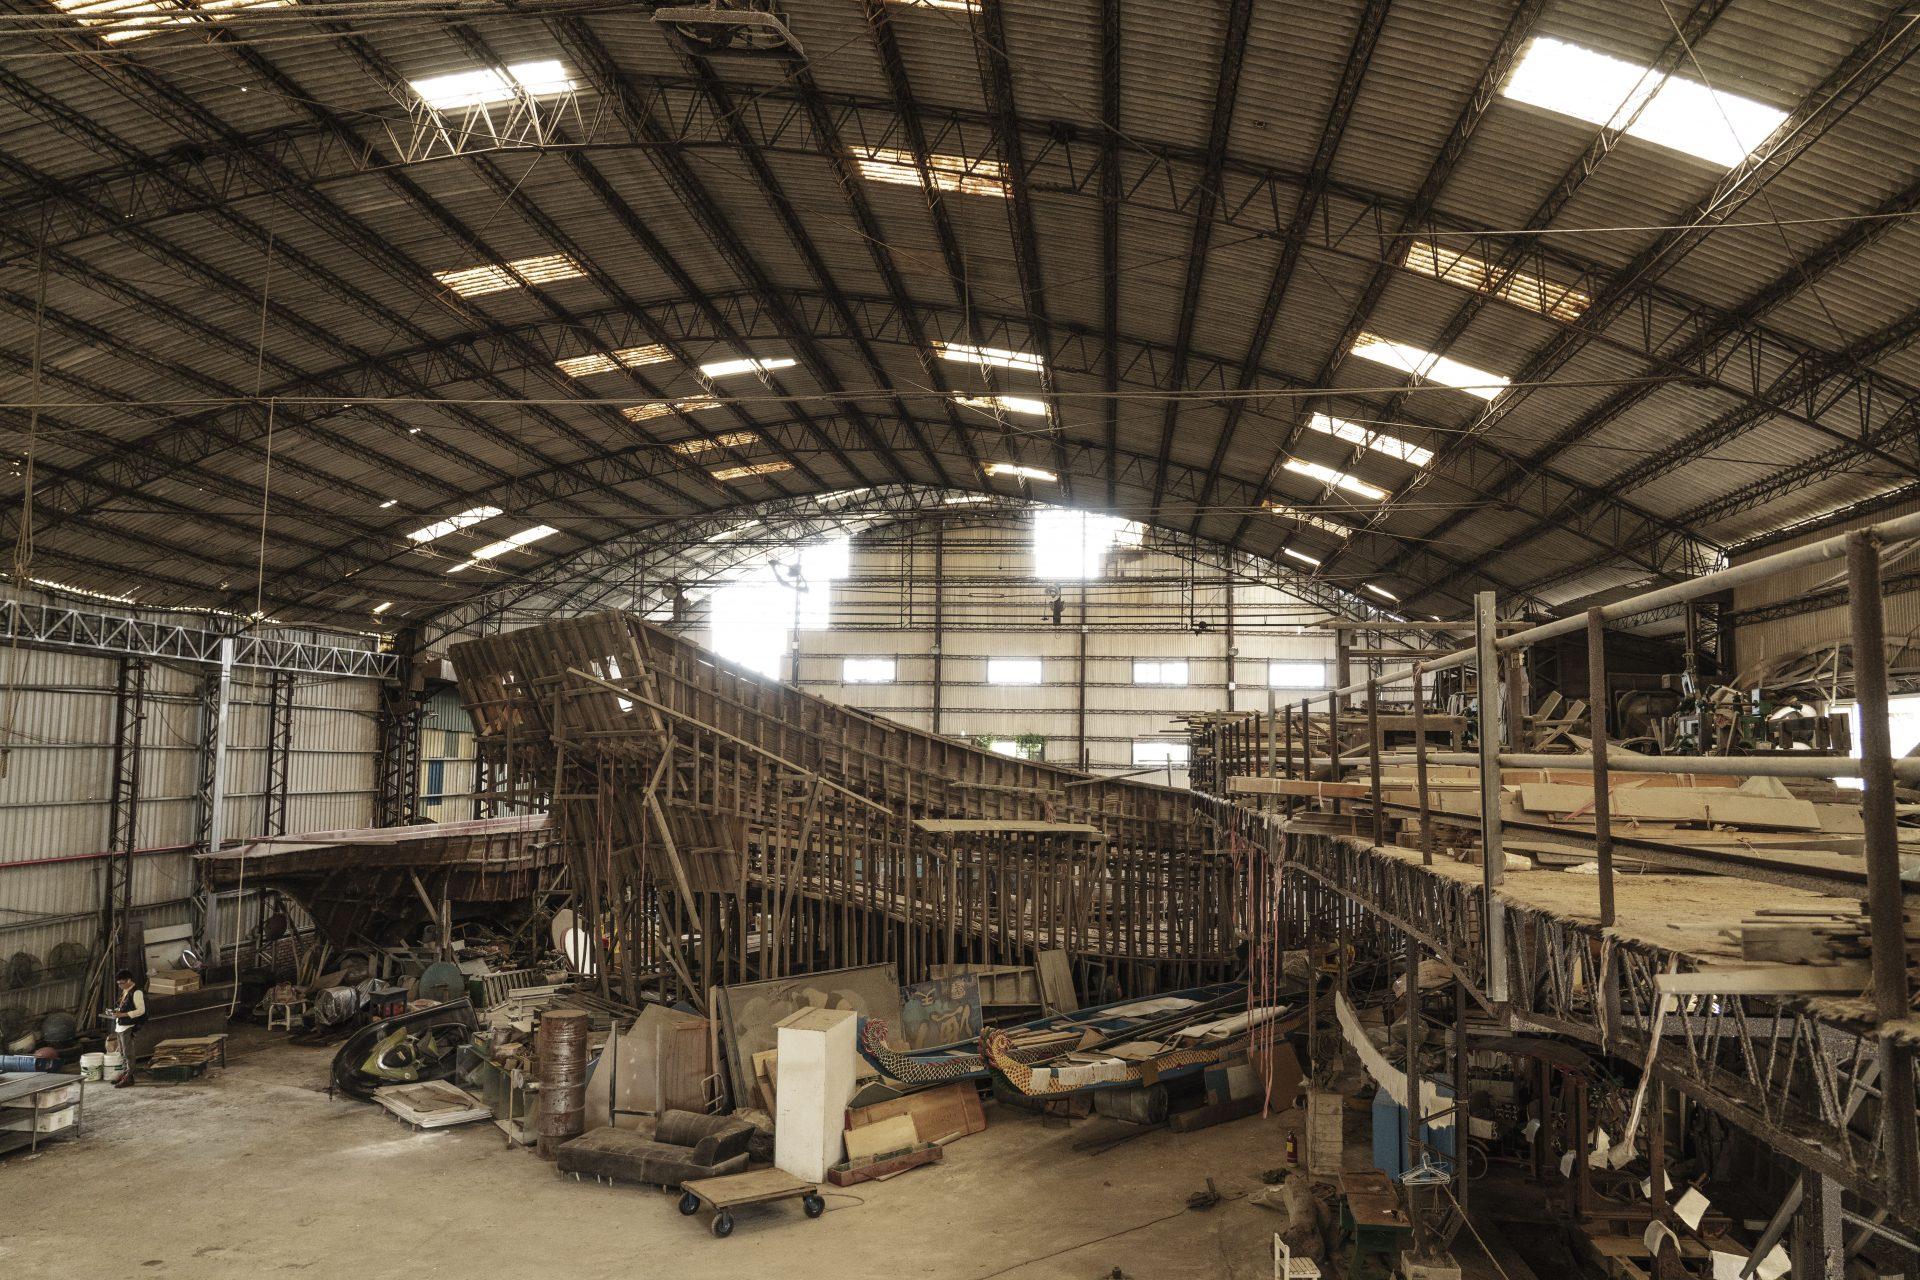 旅行南寮百年時光 看造船製冰漁港風華